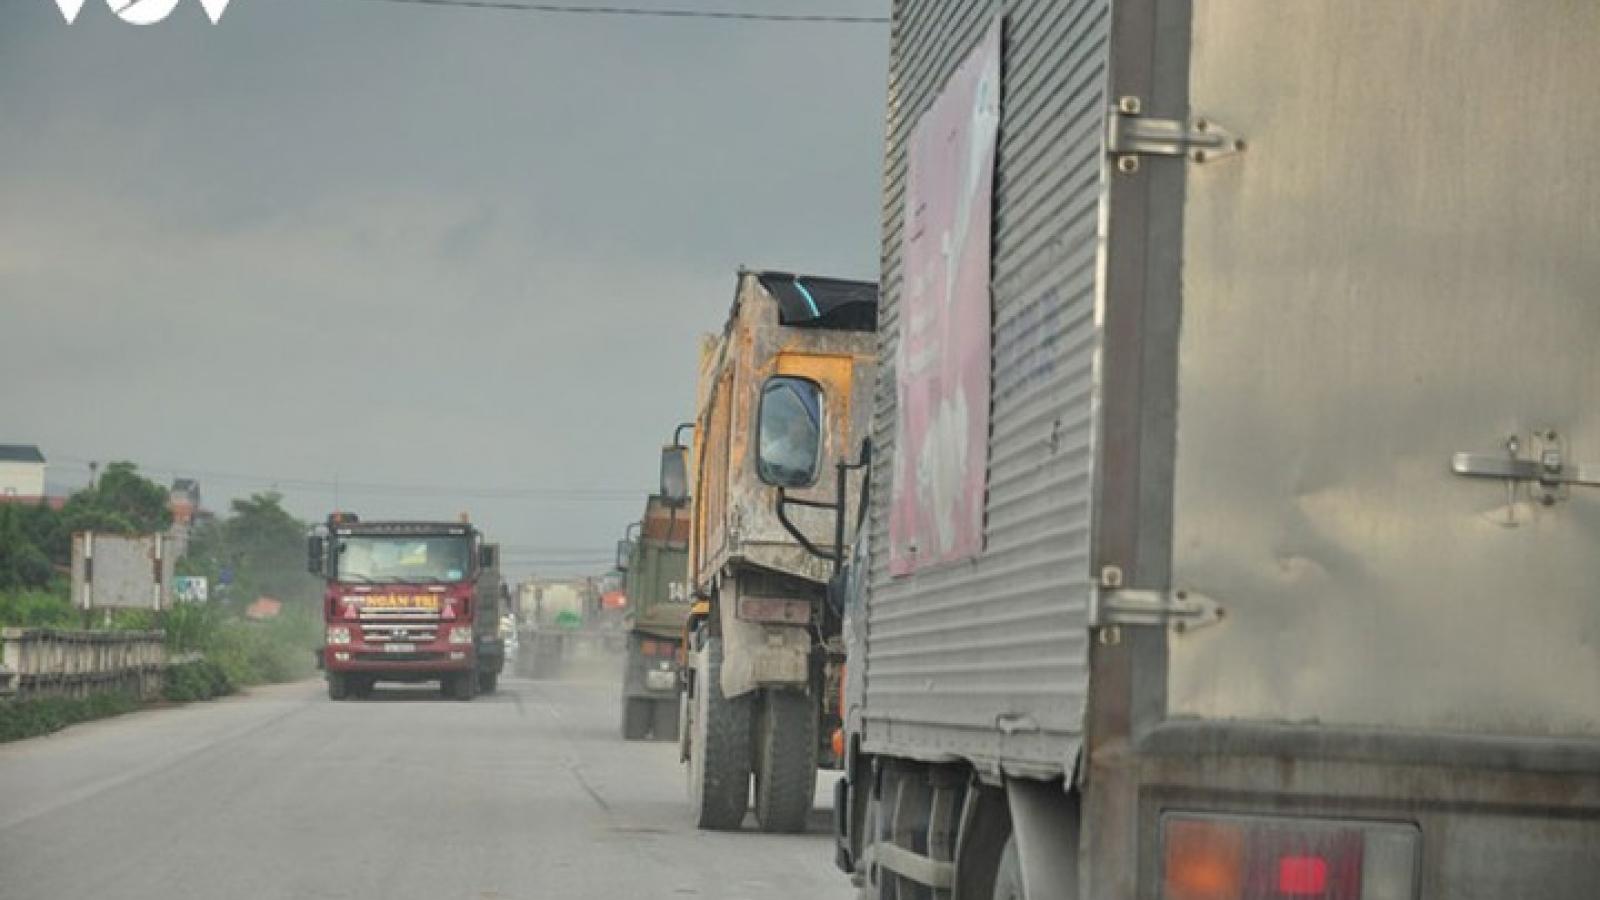 Ô tô chở gấp đôi tải trọng, tài xế bịphạt hơn 70 triệu đồng